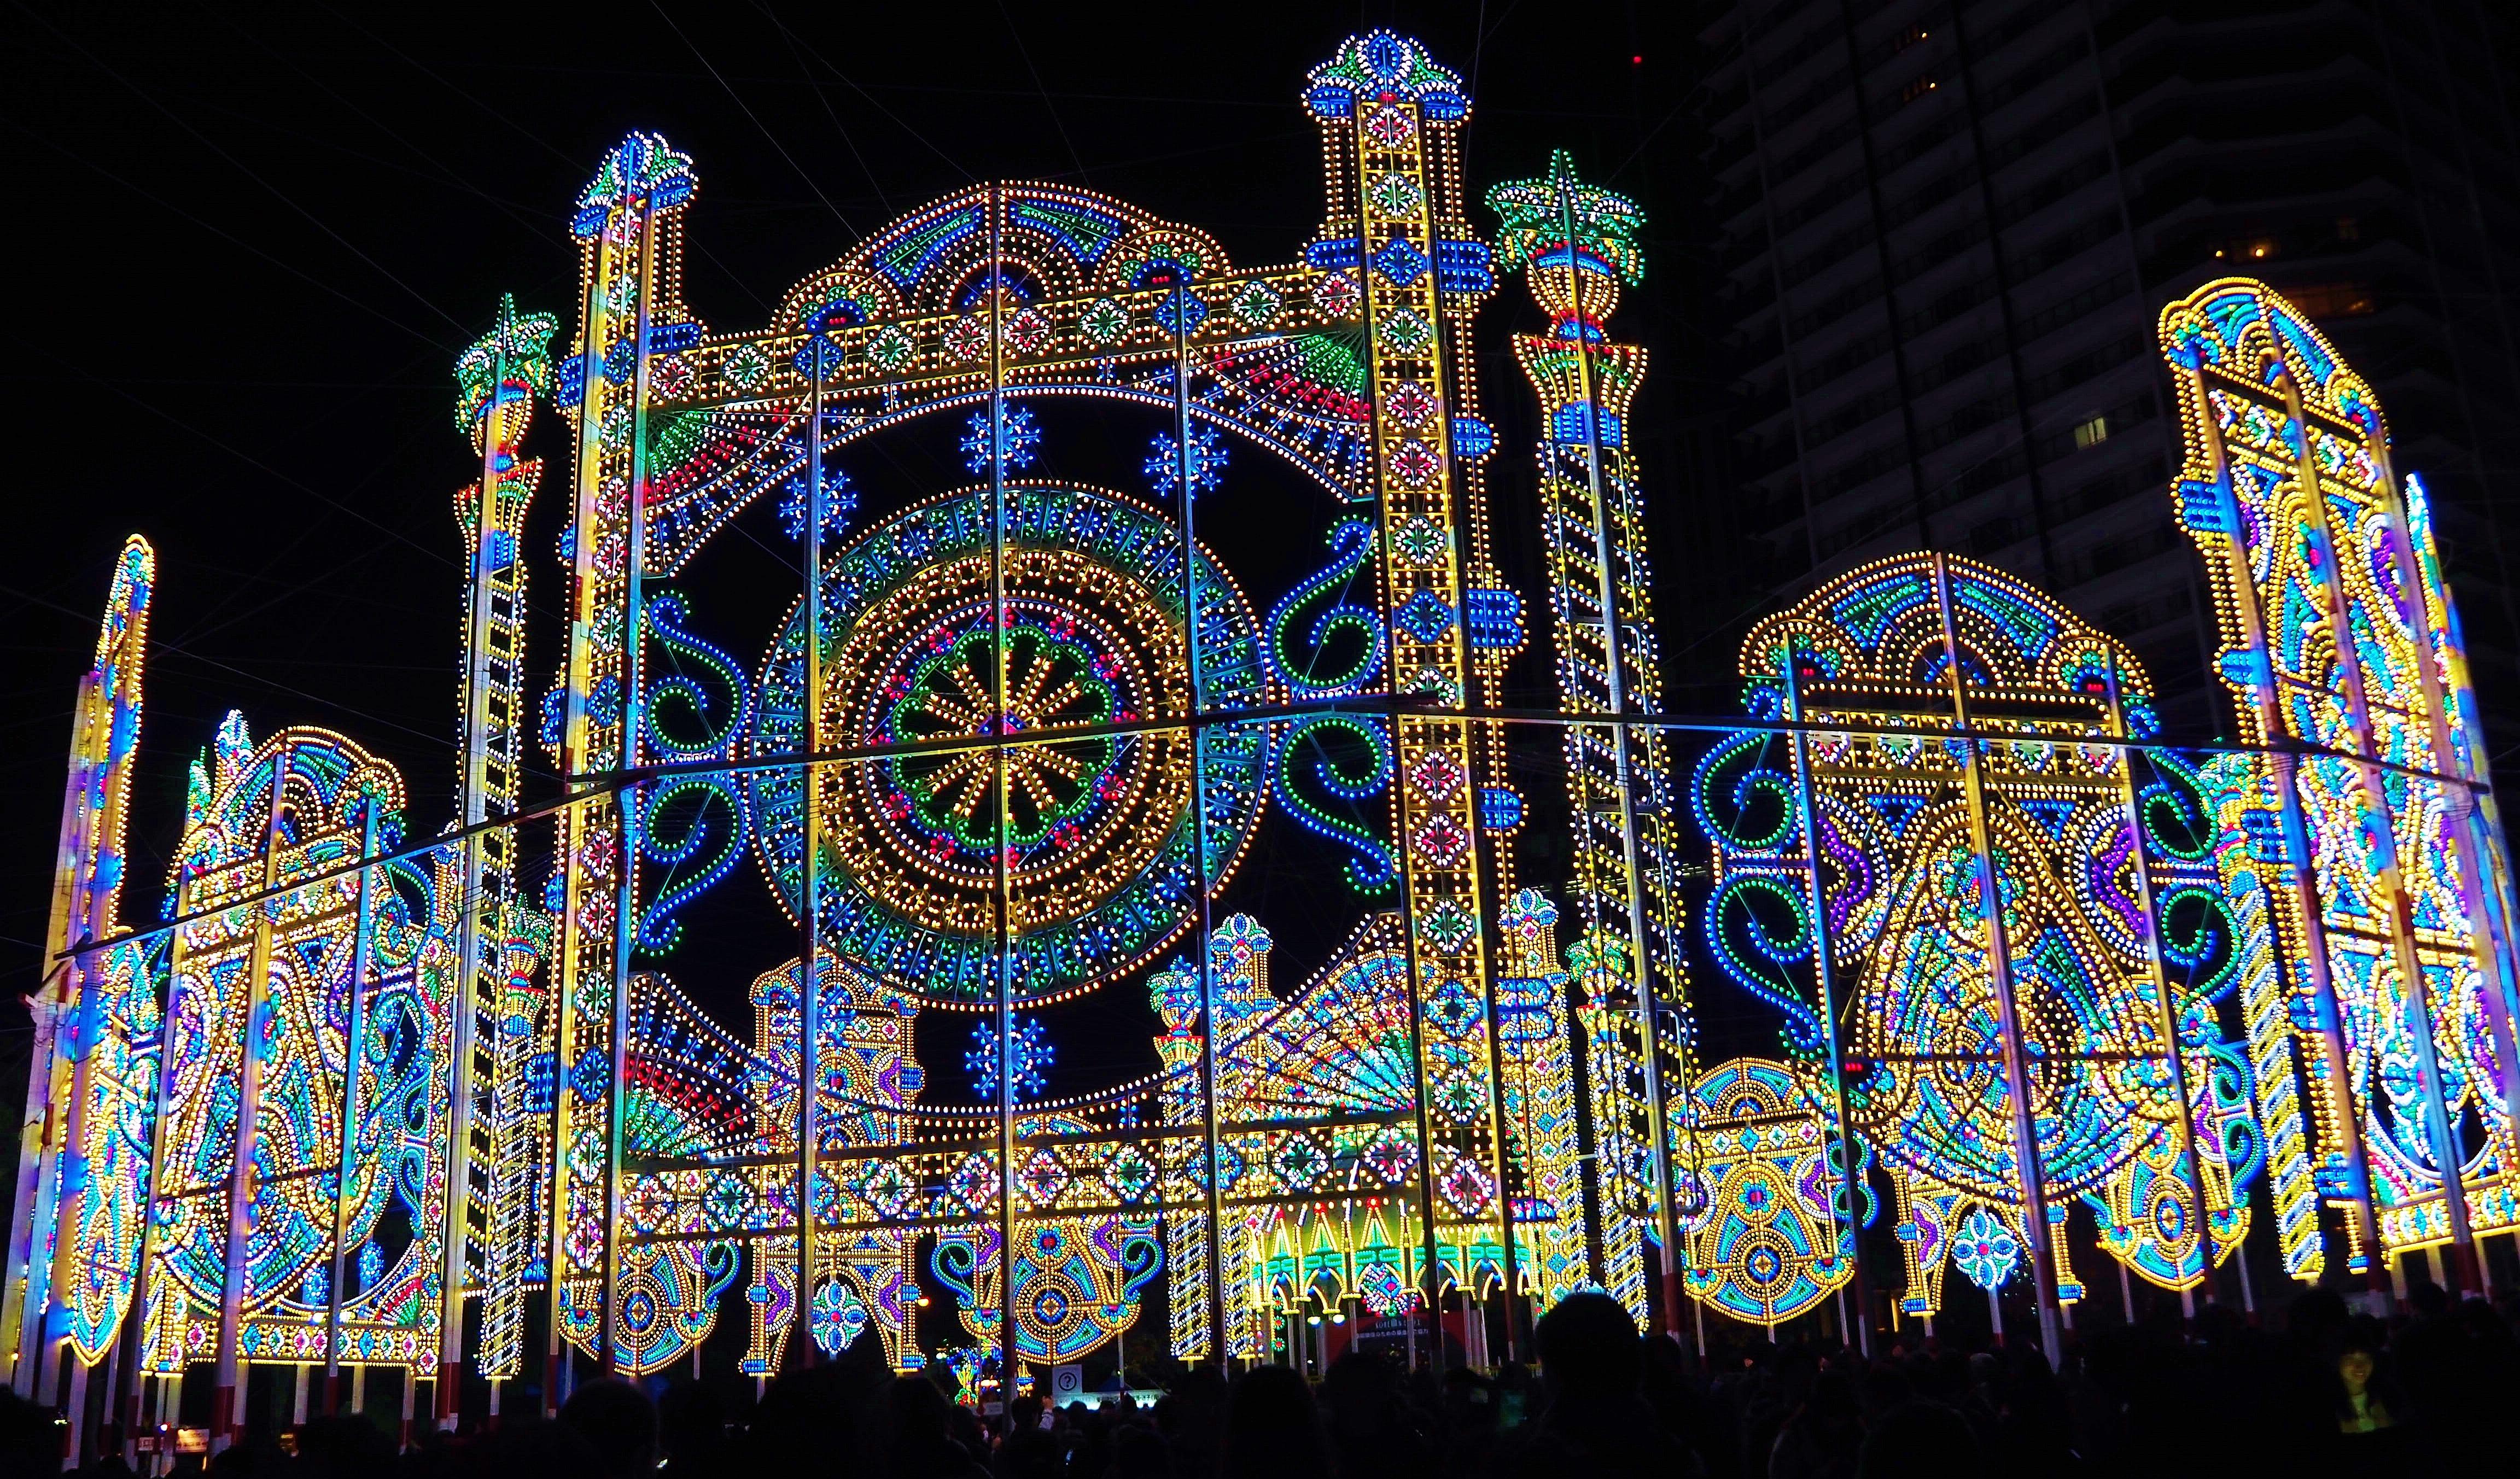 Fenster Weihnachtsbeleuchtung.Hintergrundbilder Japan Fenster Symmetrie Glas